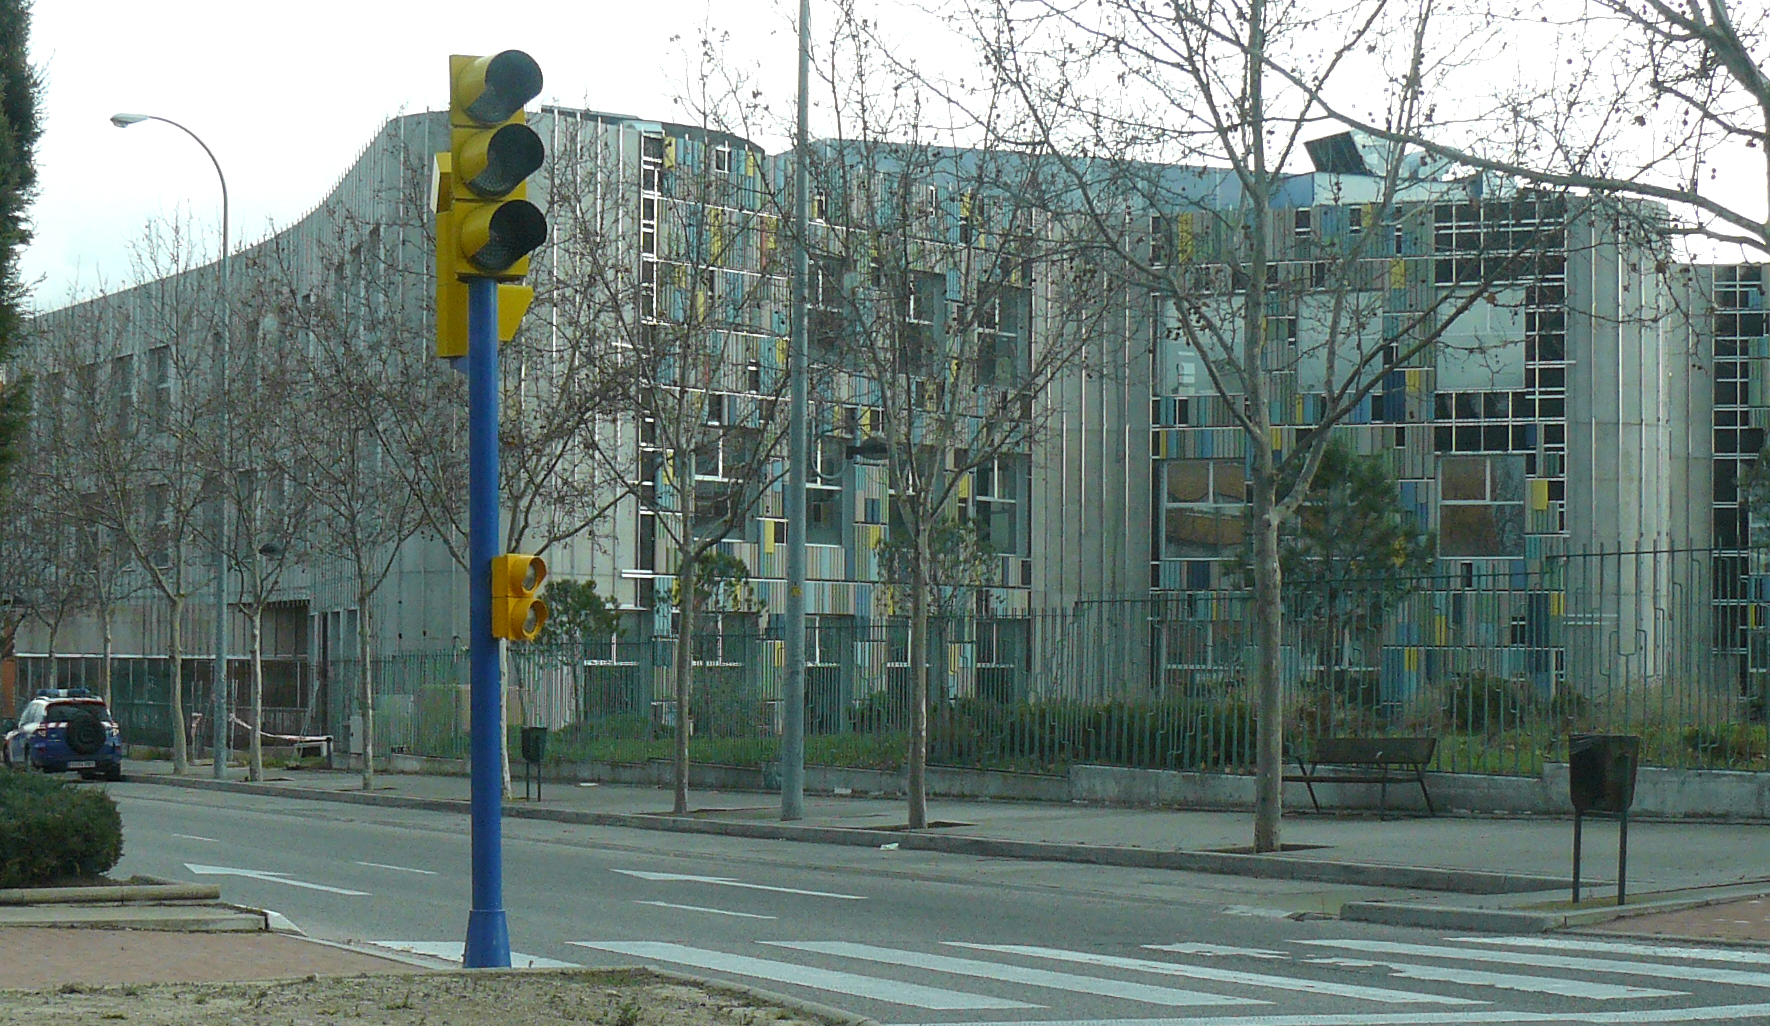 La Biblioteca Central de Leganés lleva años cerrada y sufre un expolio de 900.000 euros